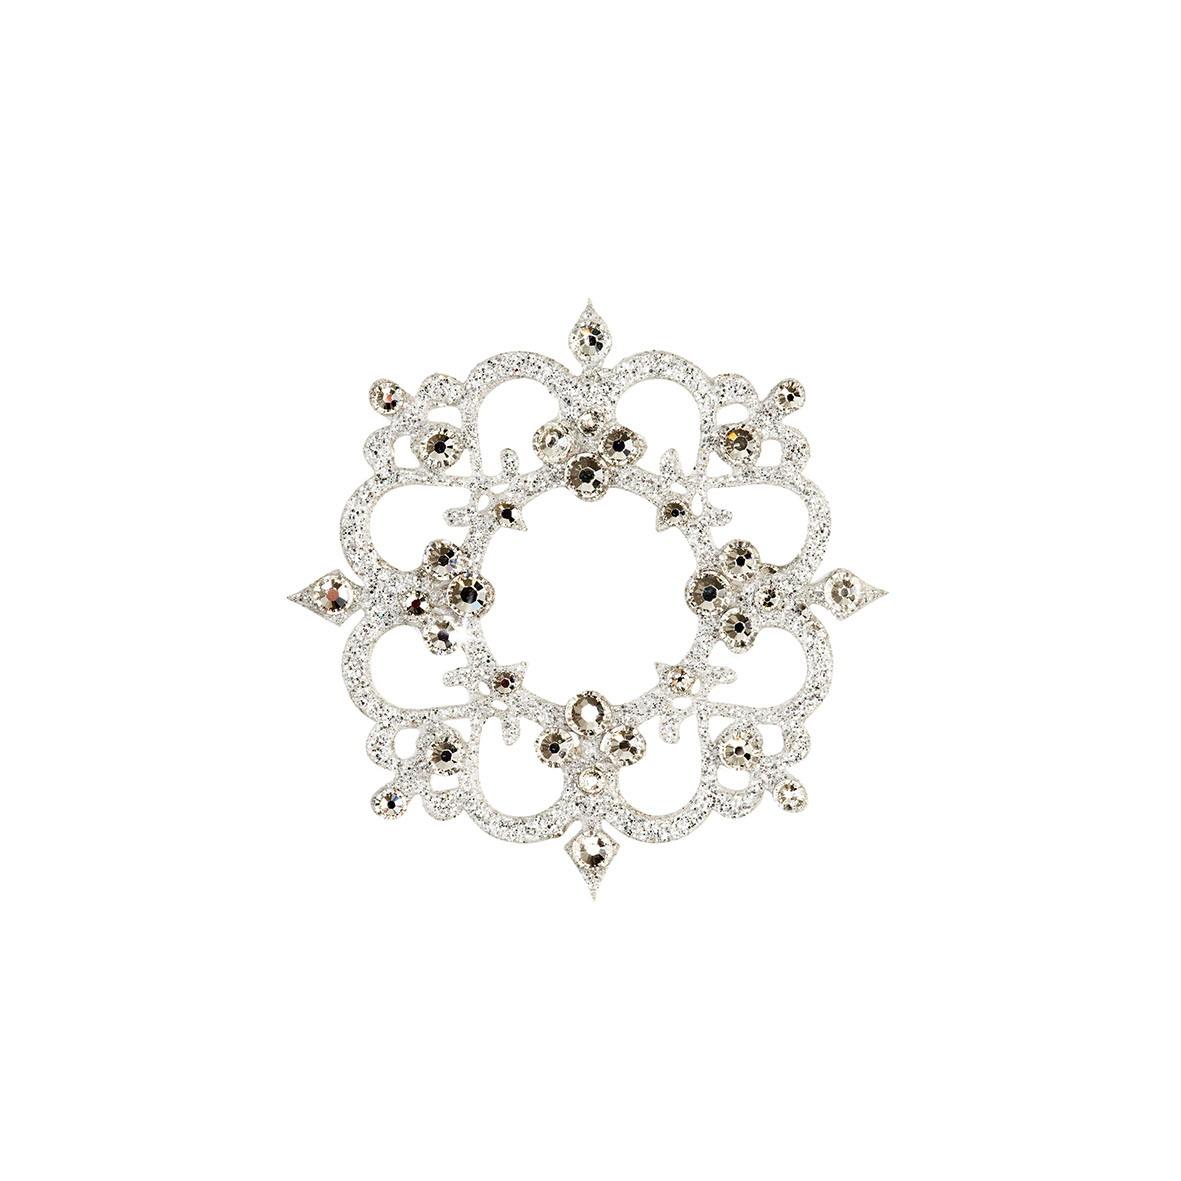 SO.nia nalepovací šperk Rome čirý 1 ks - Obrázek č. 1